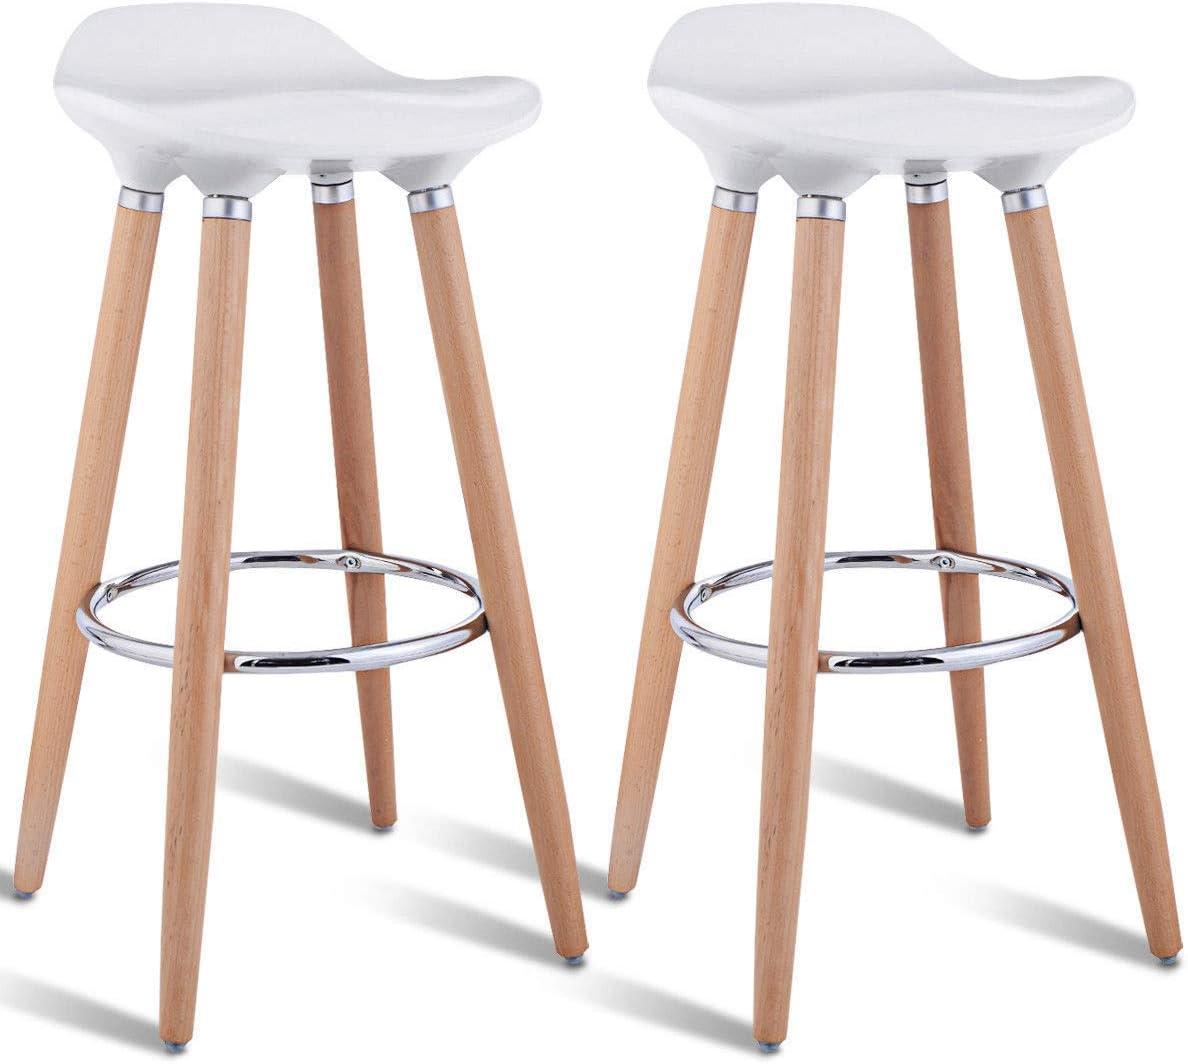 Buy AK Energy Set of 9 White ABS Bar Stool Breakfast Barstool ...